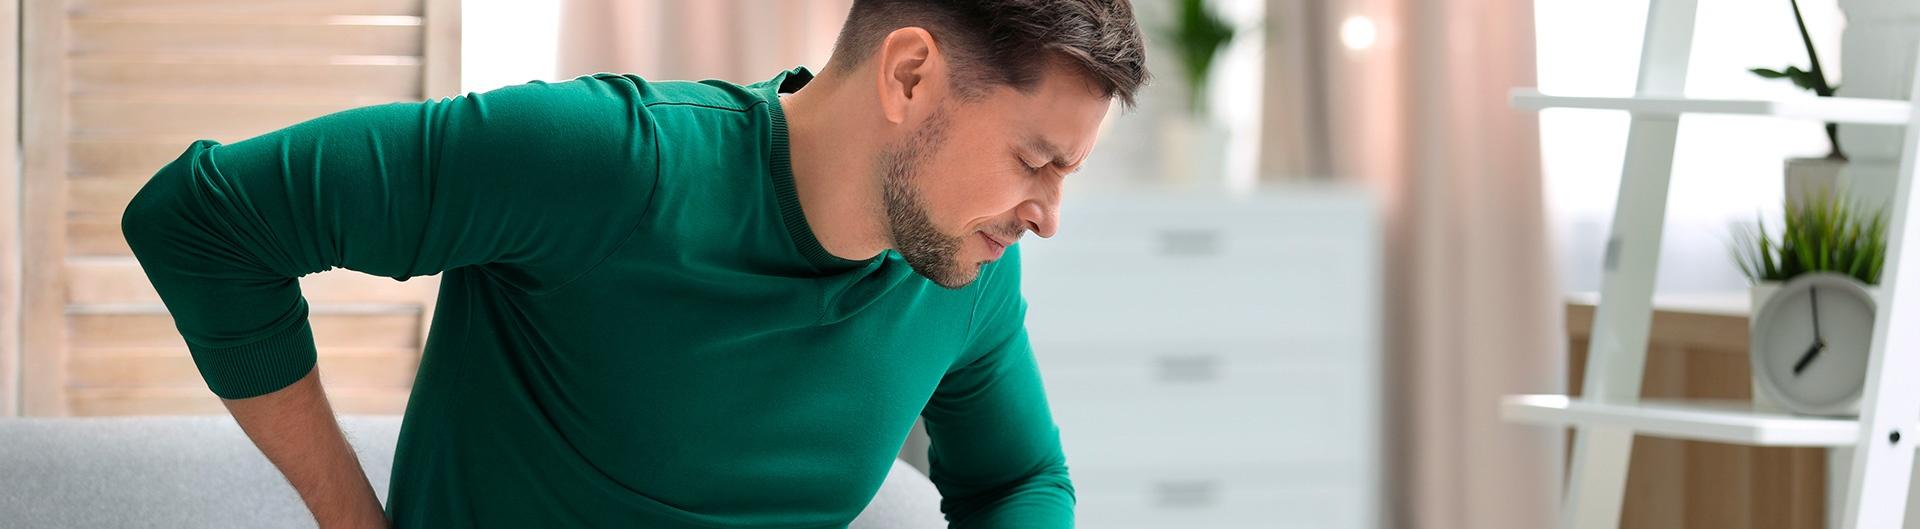 Causas del dolor de espalda inflamatorio y mecánico.